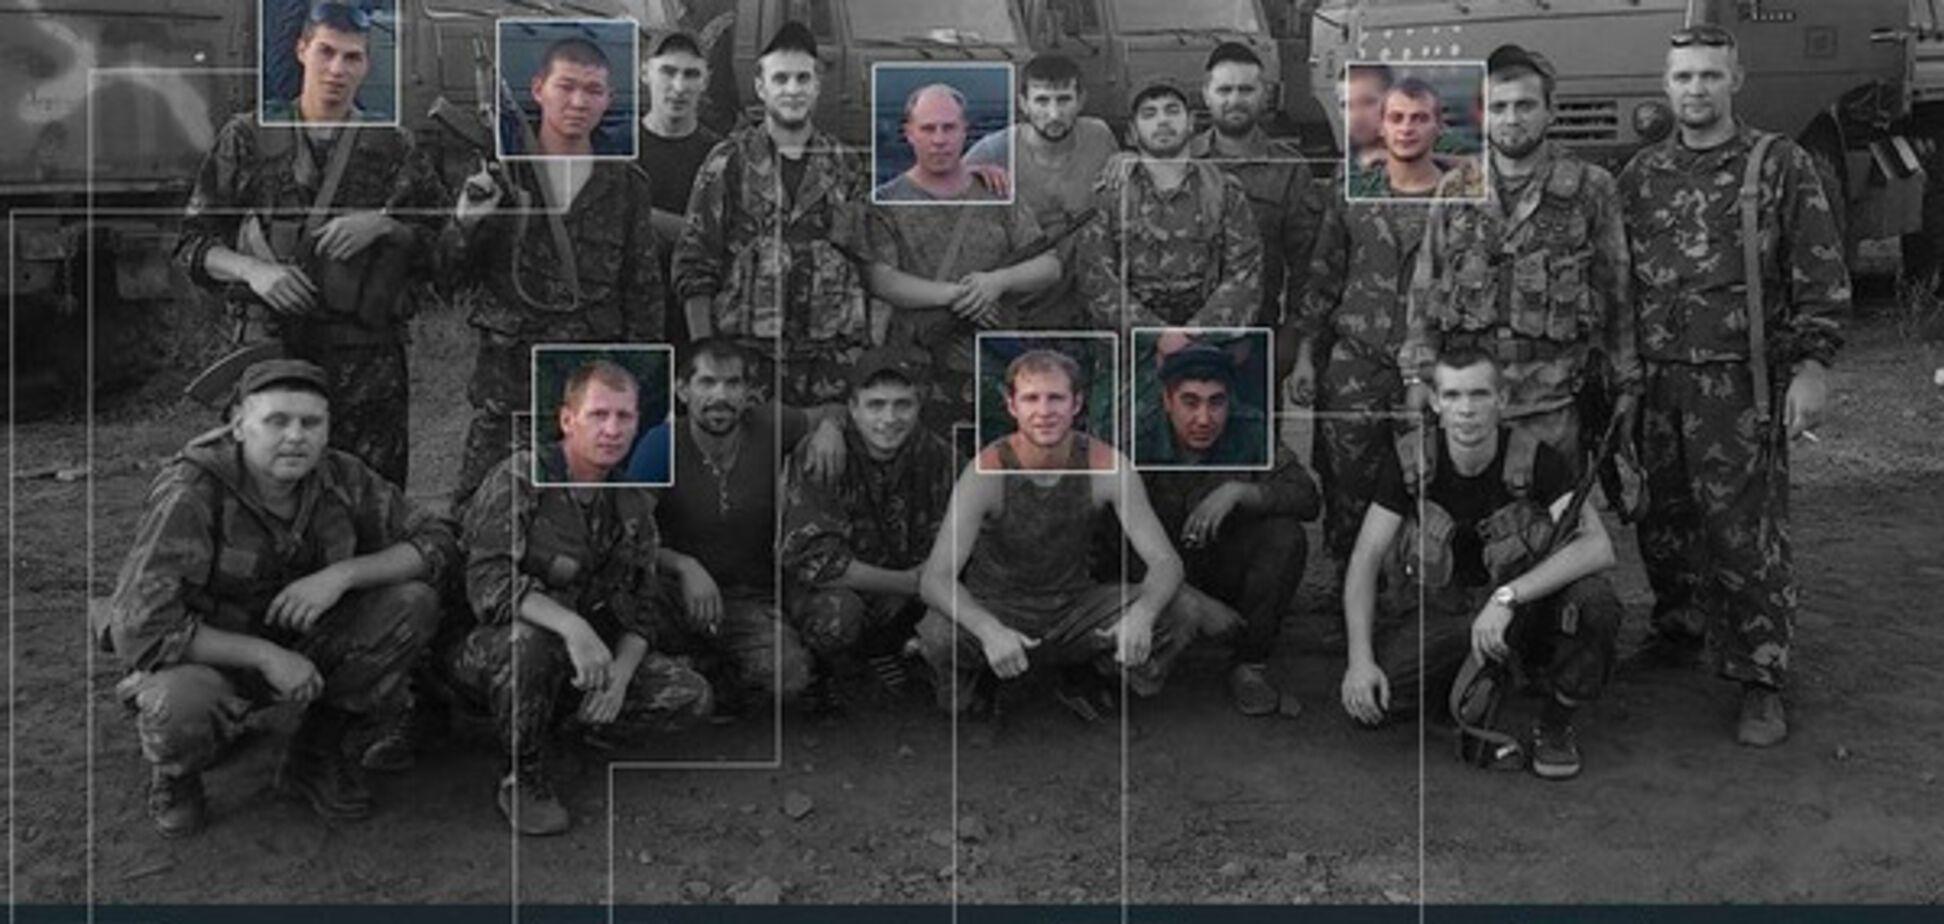 Опознаны шестеро российских оккупантов, воевавших на Донбассе: появились фото